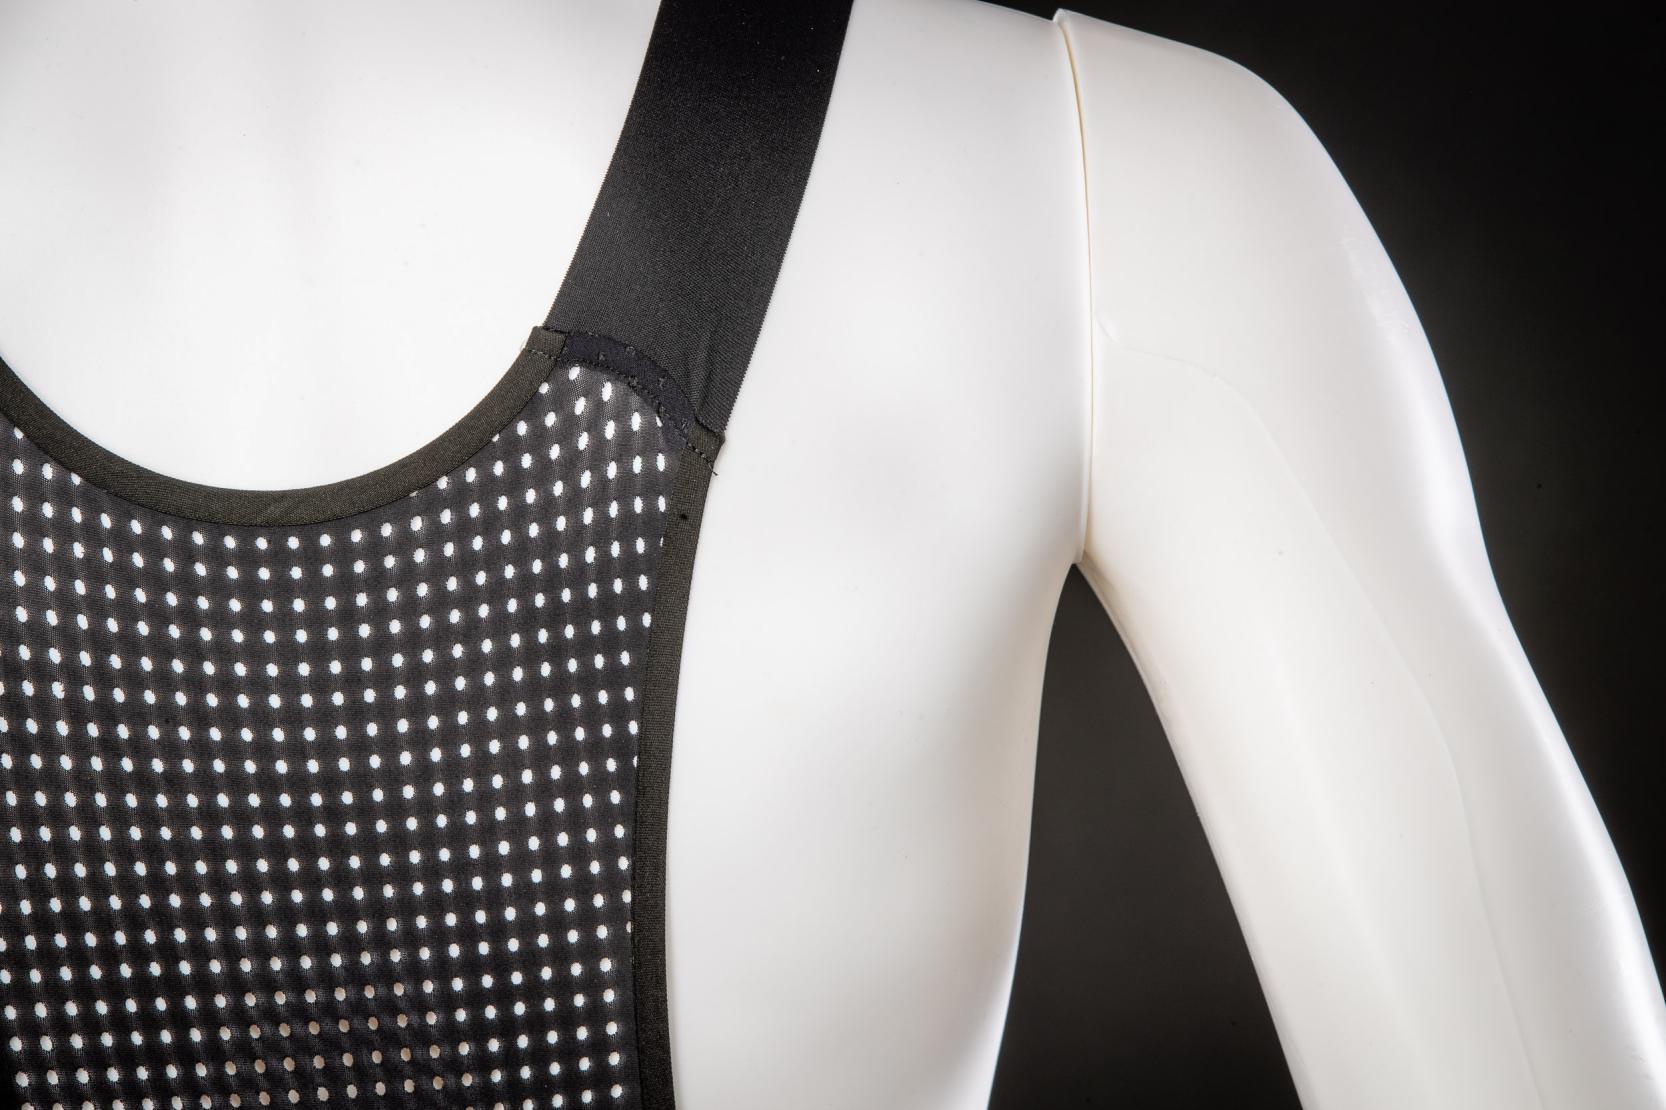 #1 Rückenpartie: Sicherer Sitz ohne Druckstellen. Das weiche, elastische Rückenmaterial wurde perforiert und für einen hohen Tragekomfort mit der Hose verklebt.